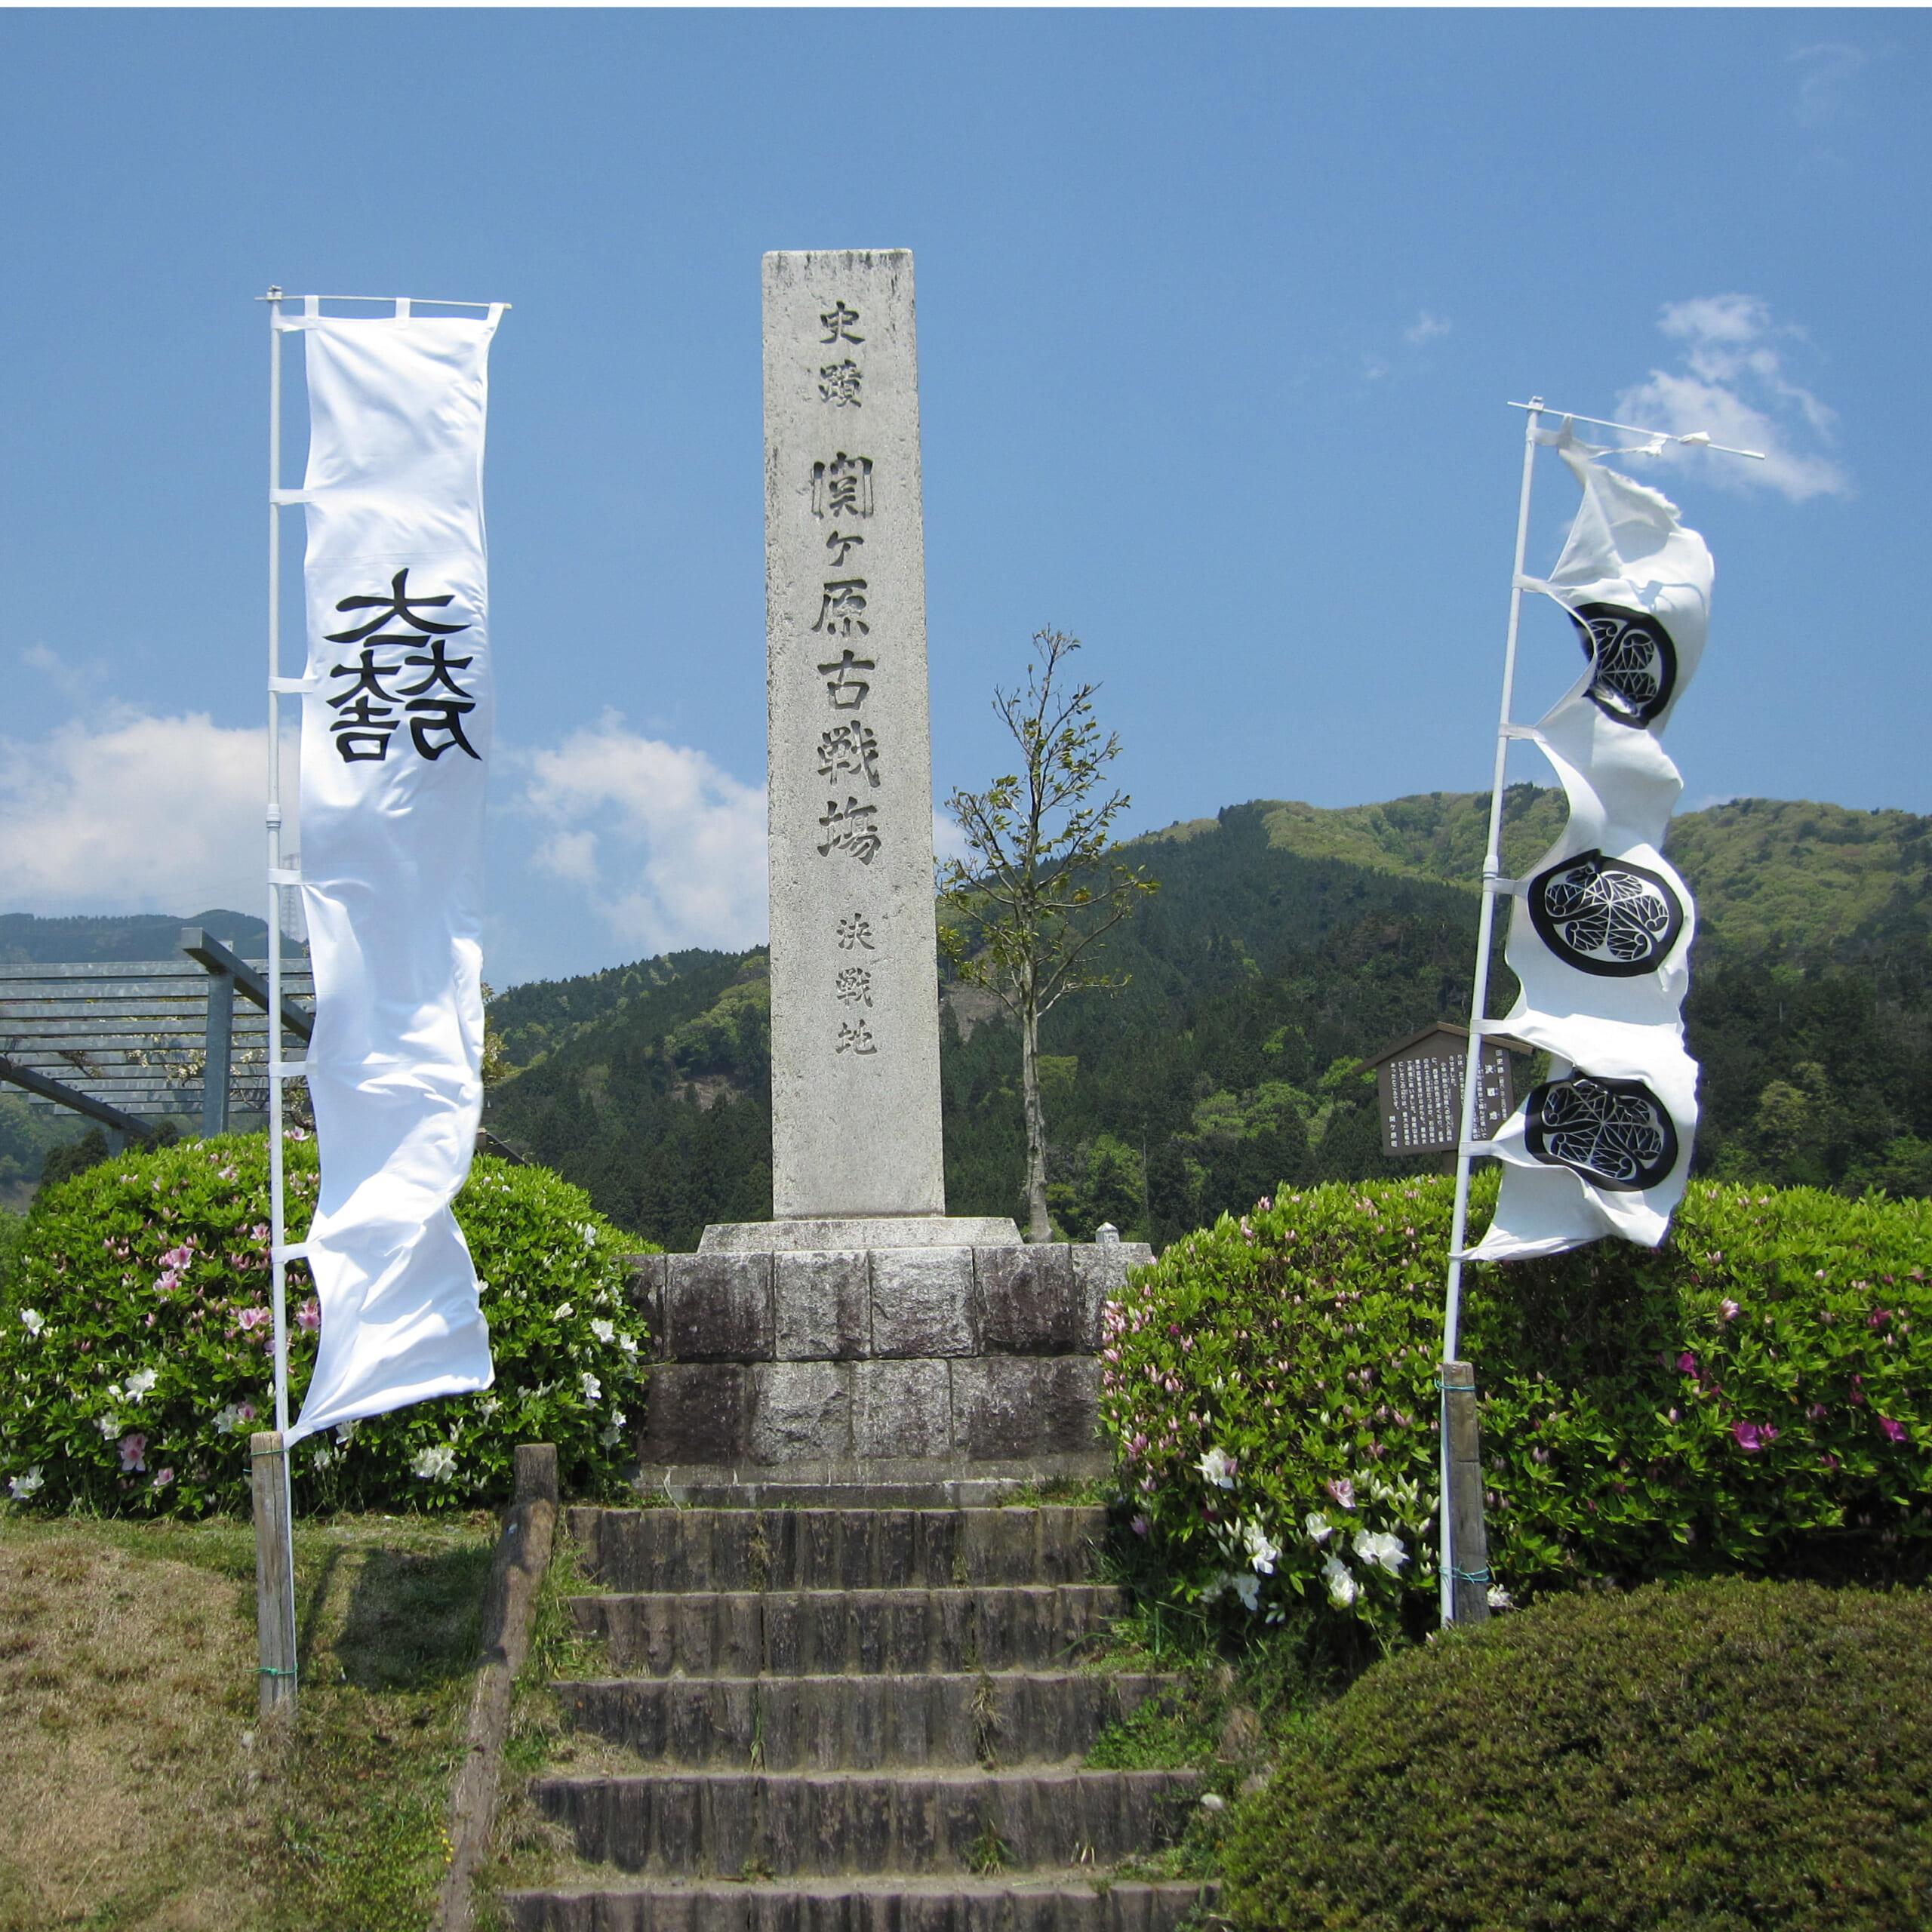 日本史の実行犯 ~あの方を斬ったの…それがしです~ 関ヶ原で徳川四天王・井伊直政を狙撃した男